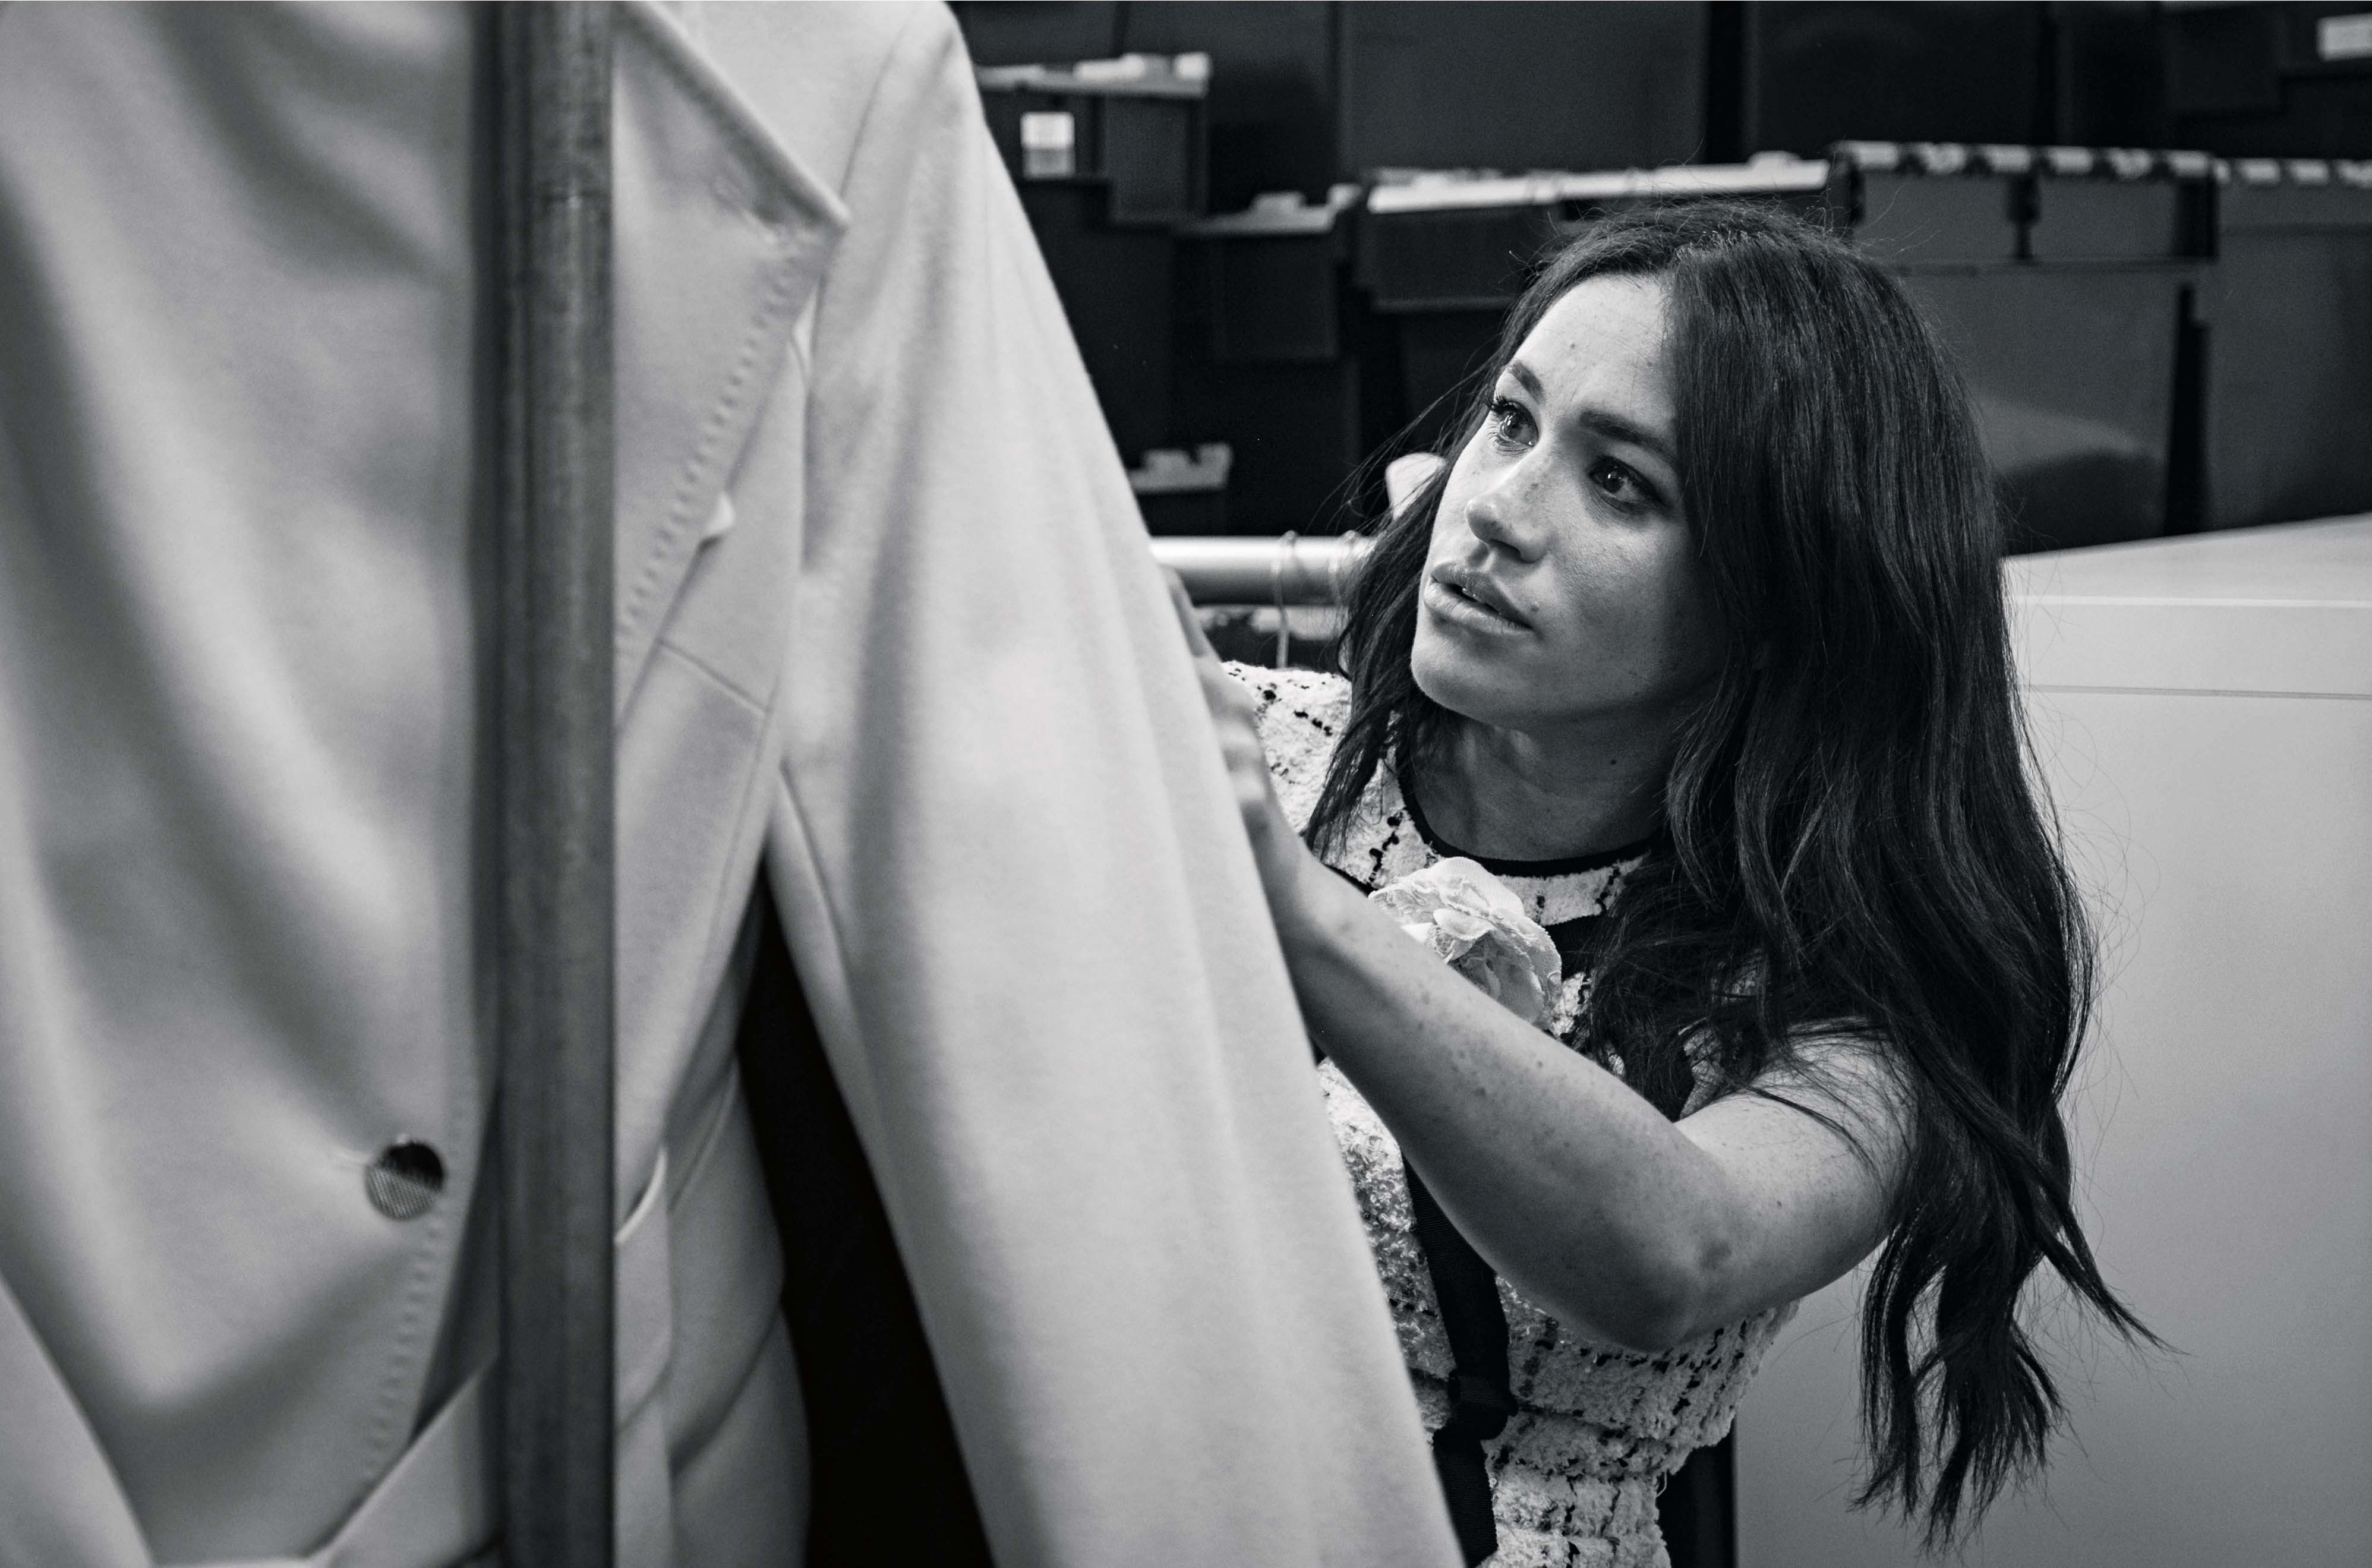 Meghan Markle in British Vogue